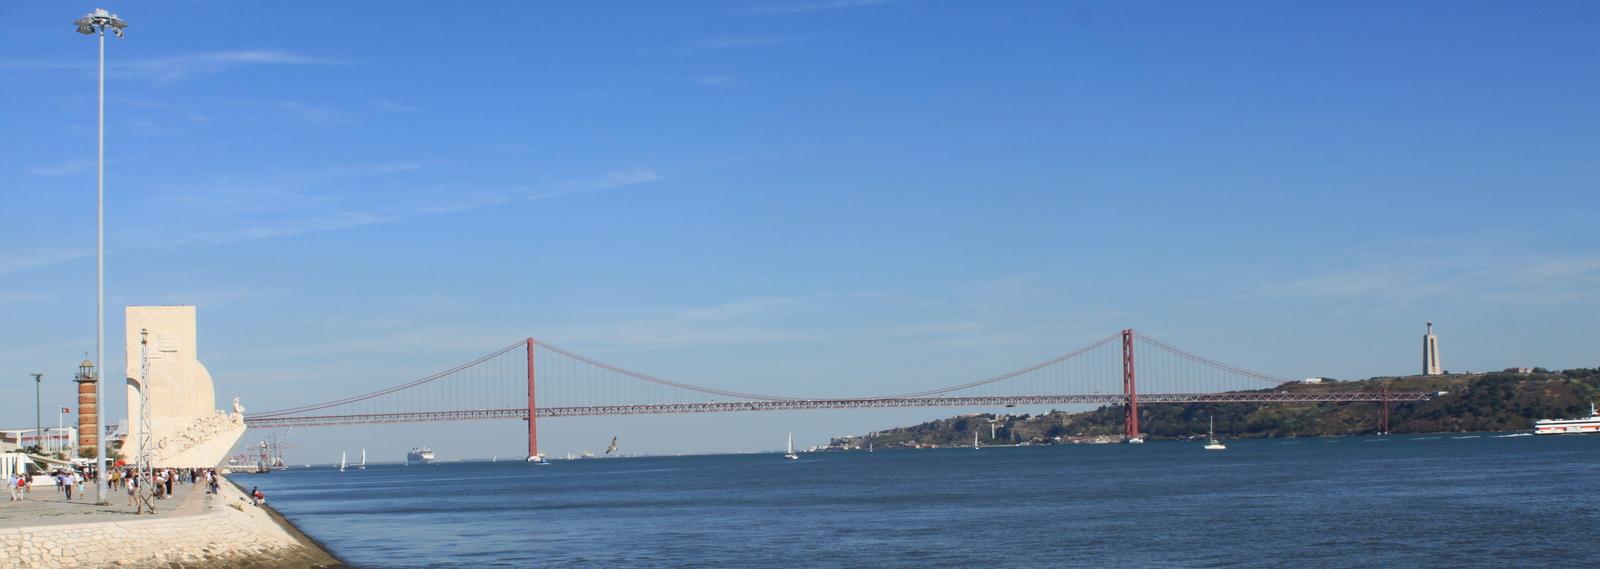 Lisbon, Ponte 25 de Abril